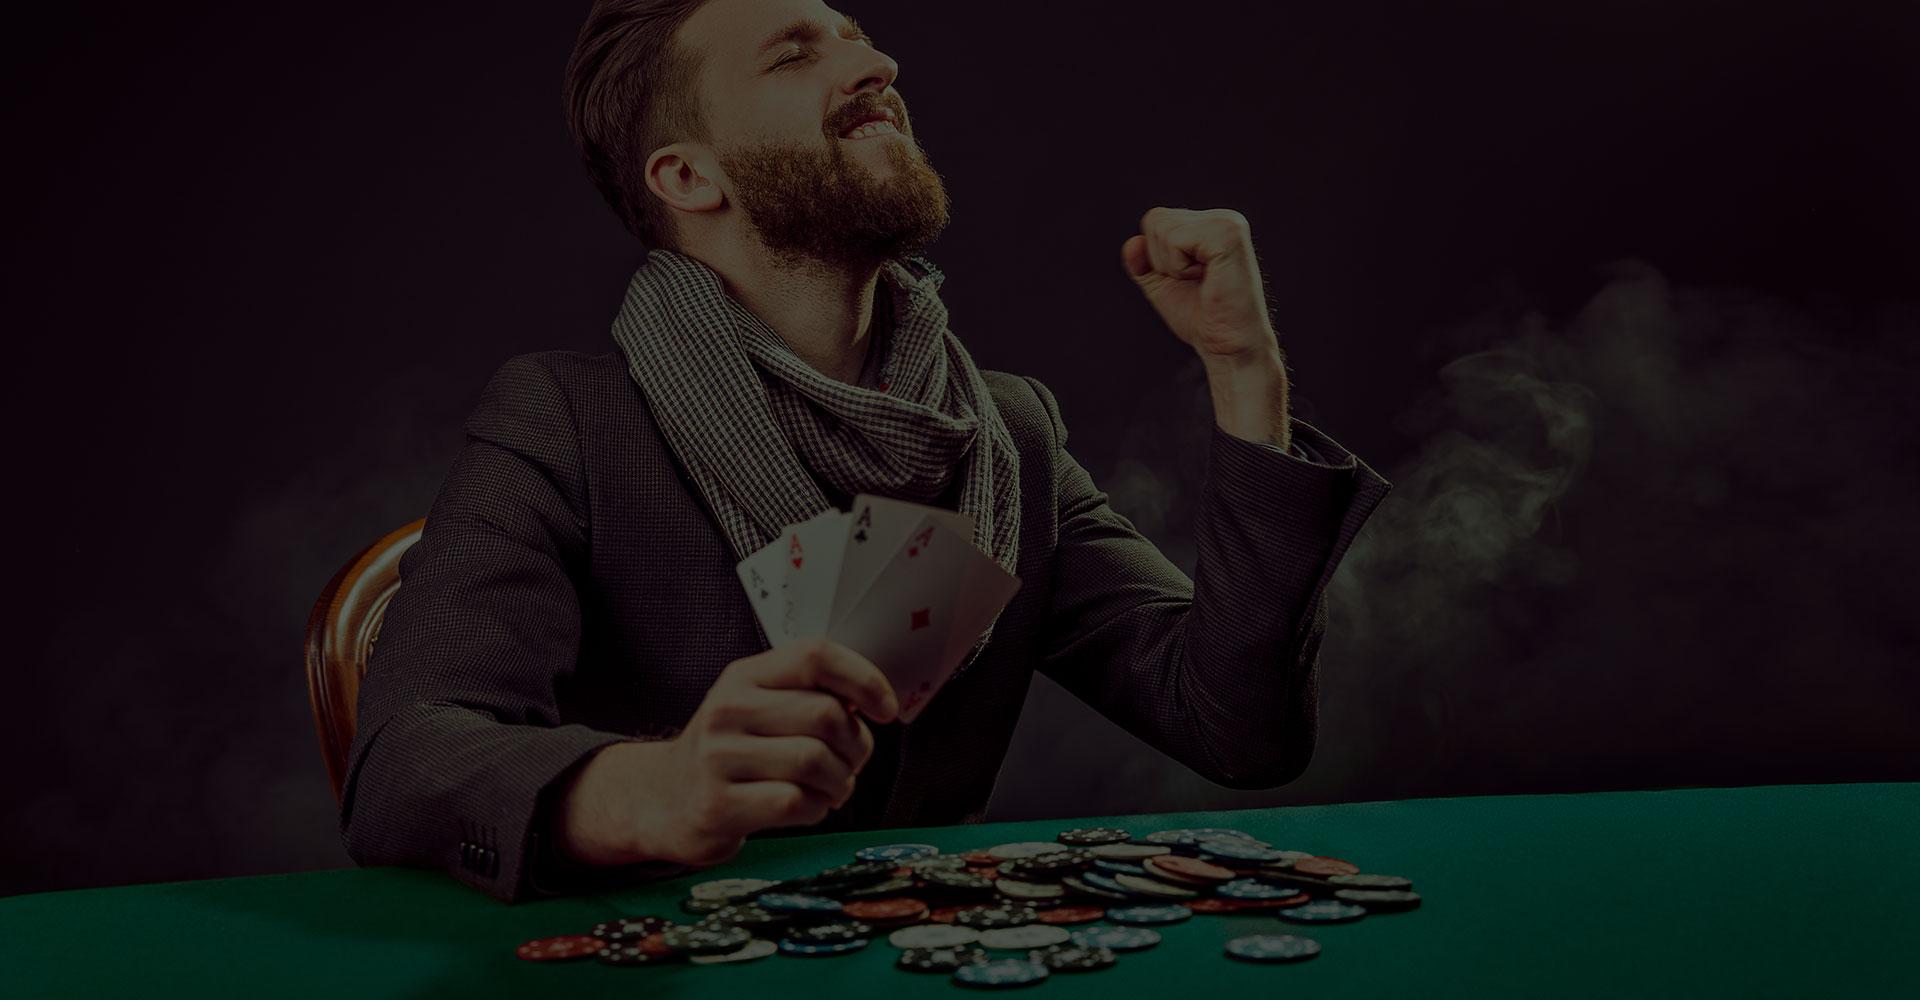 jouer au pocker